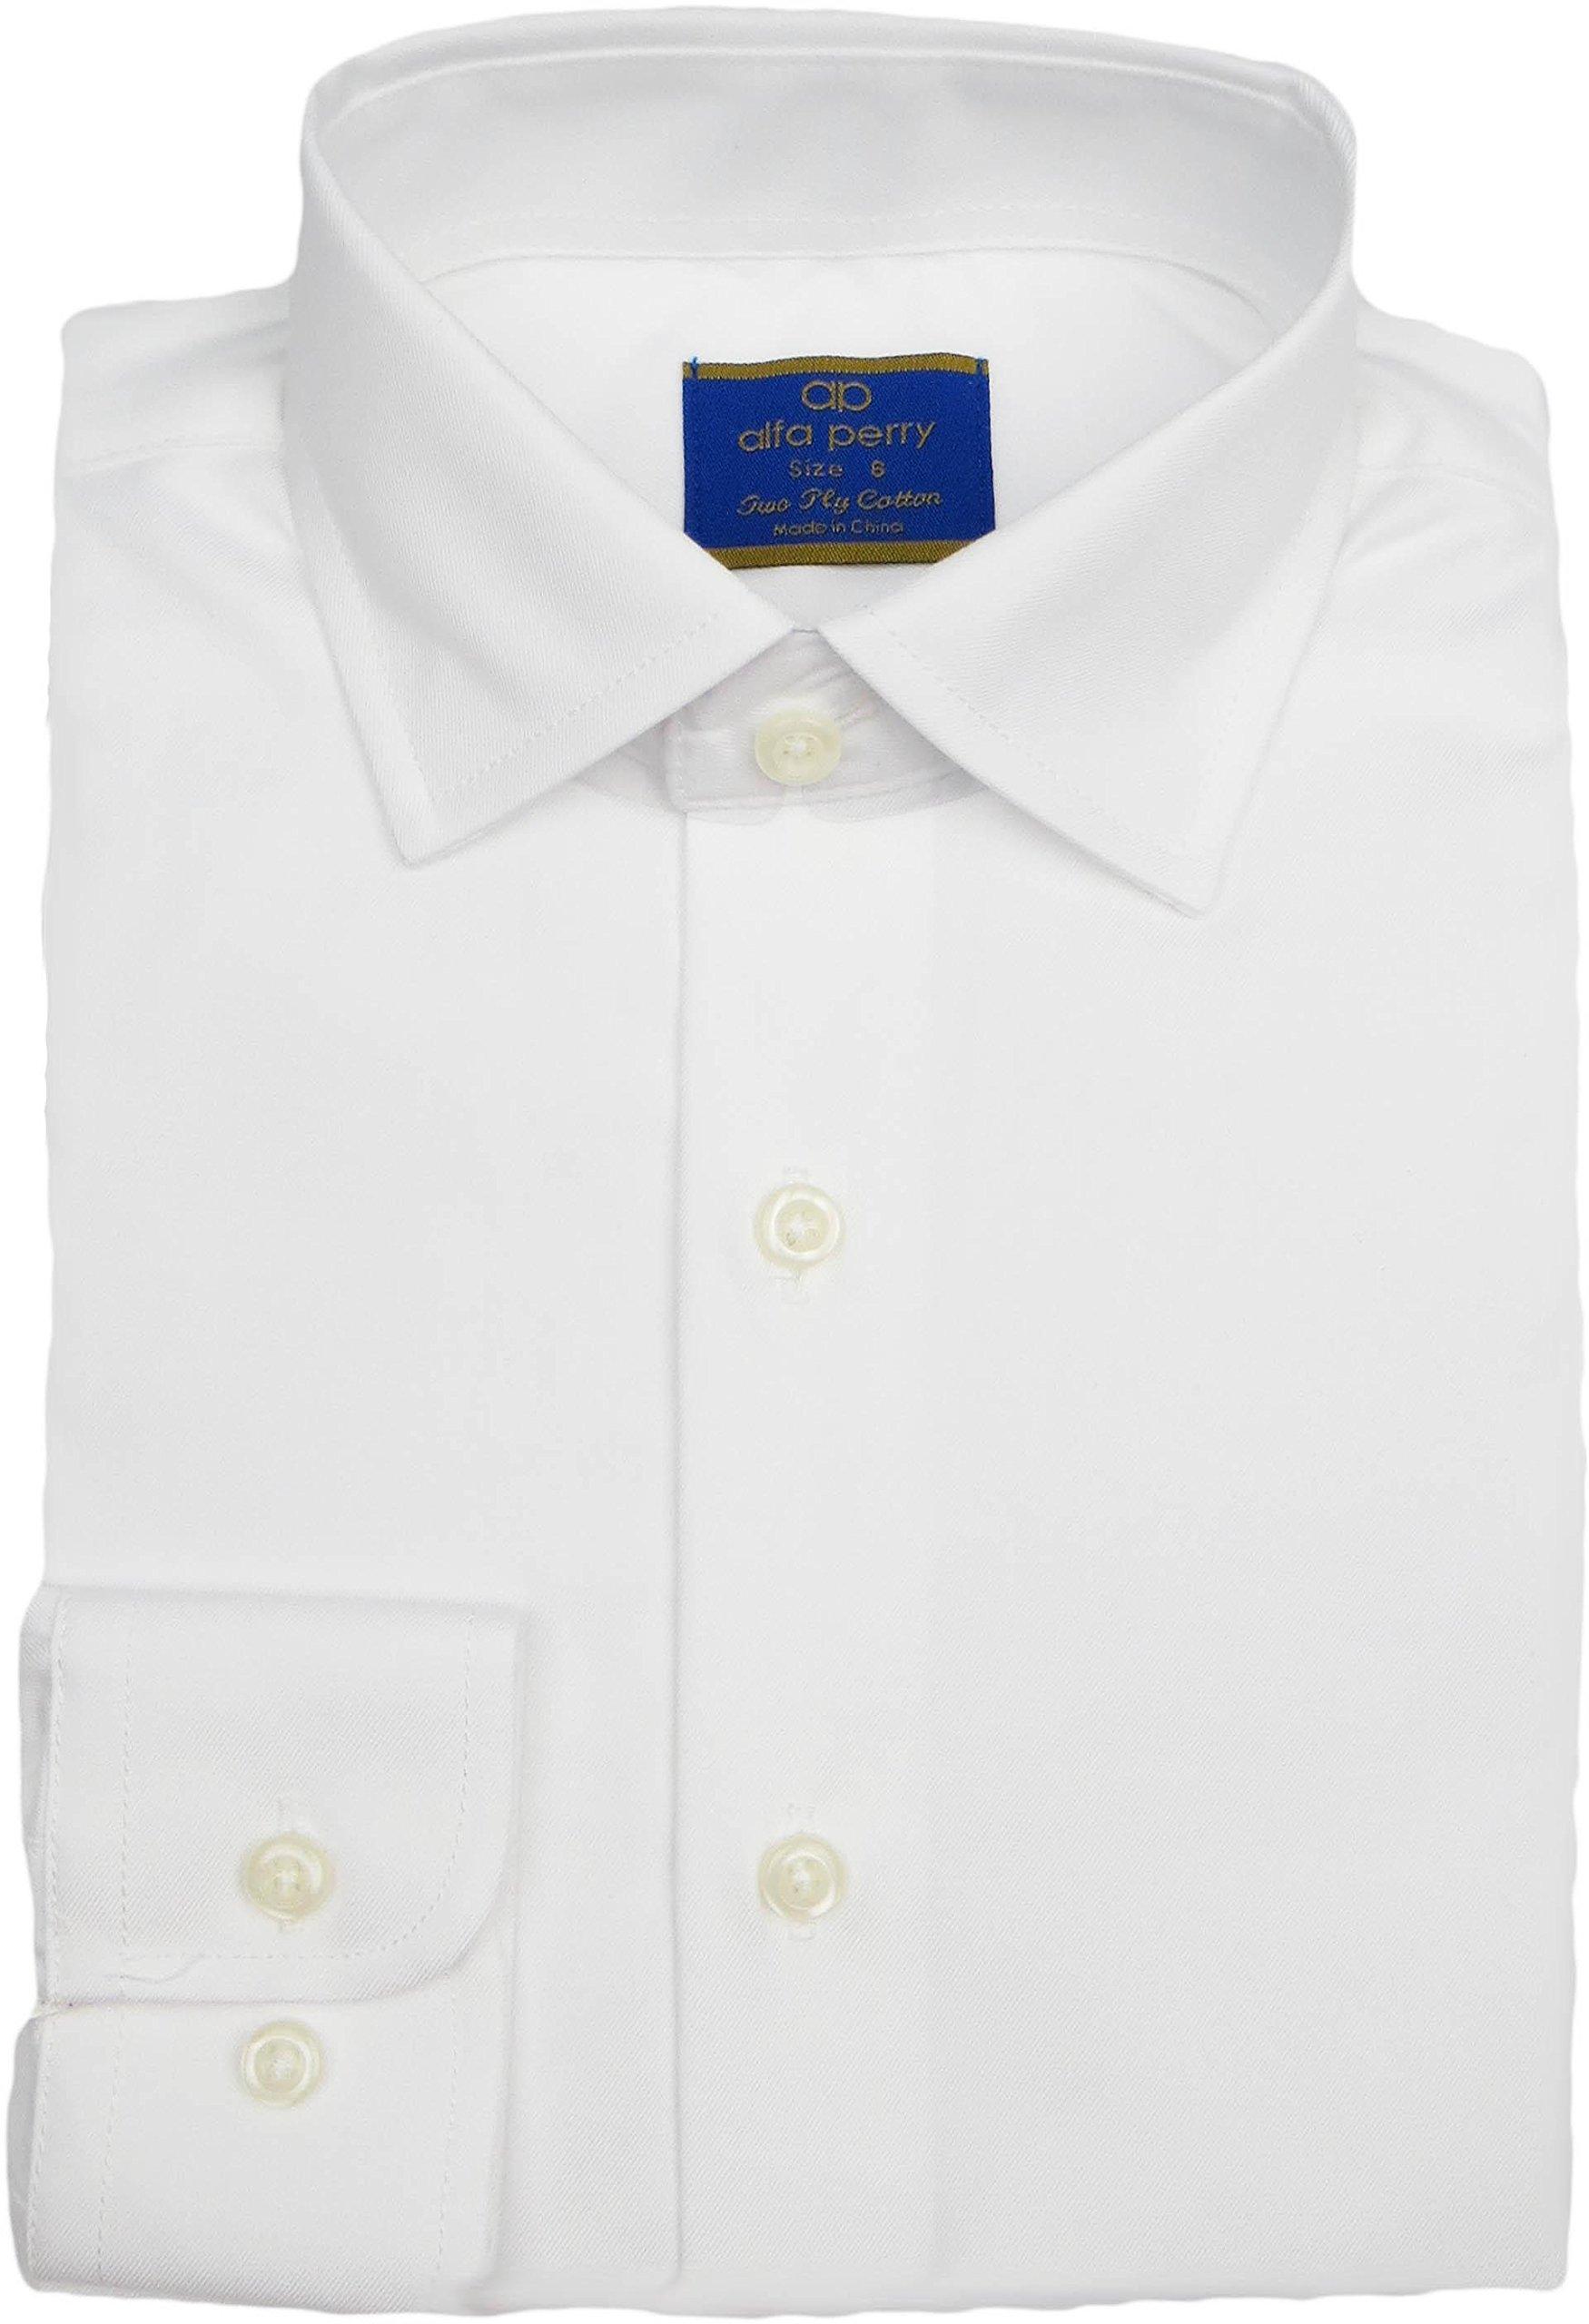 alfa perry Boys Solid White Long Sleeve Dress Shirt - APSHB-SL7-BC - White, 6 Slim